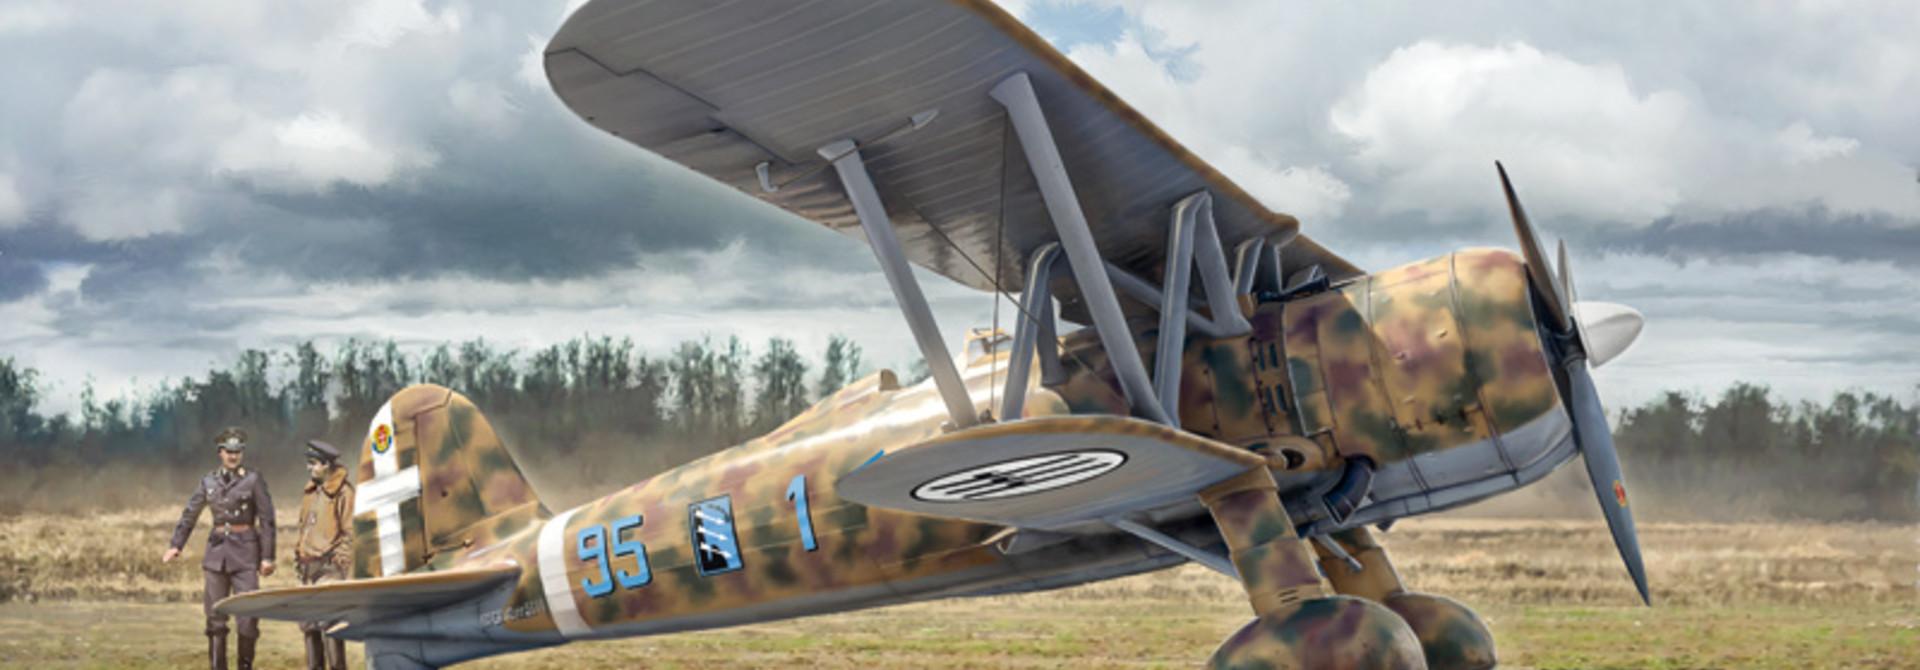 1:48 FIAT CR.42 Falco